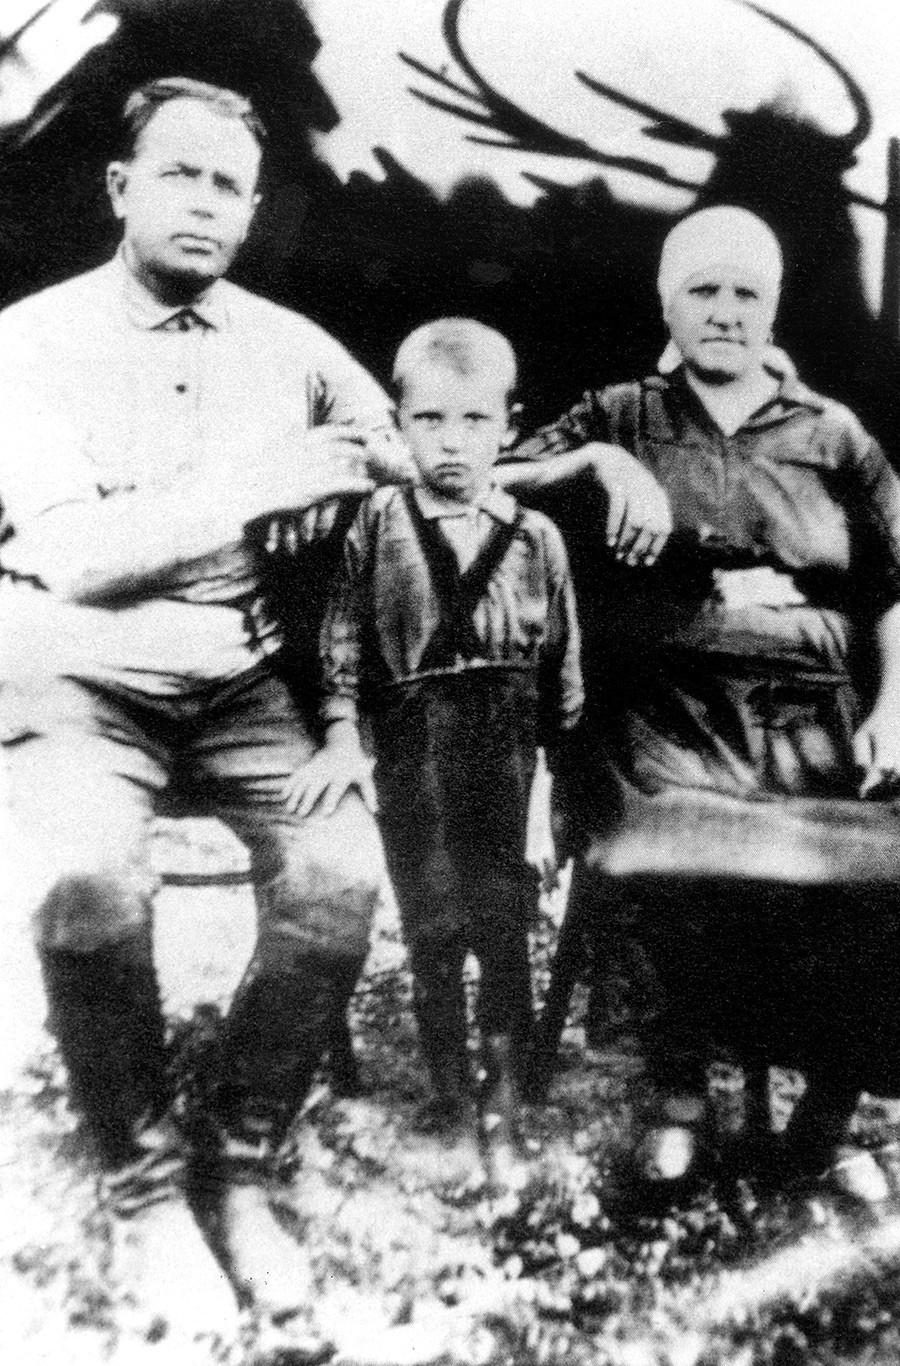 Mihail Gorbačov u dobi od četiri godine